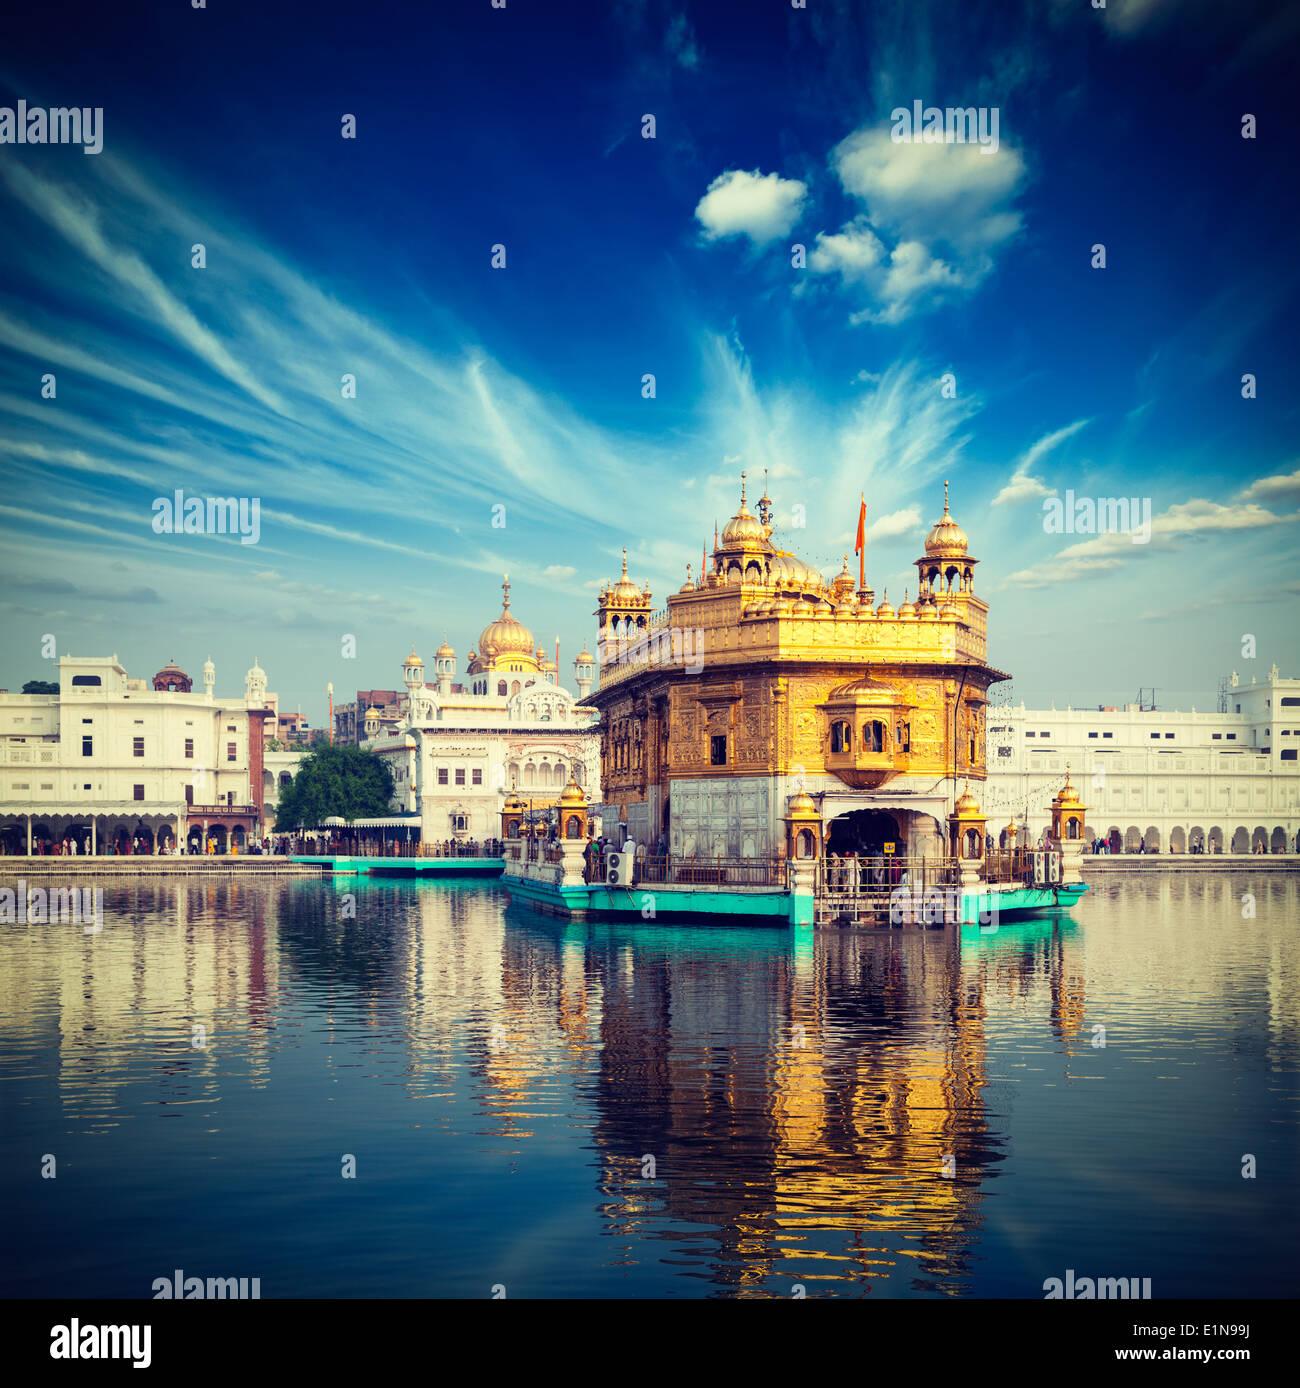 Vintage retrò hipster stile immagine di viaggio del famoso India attrazione Gurdwara Sikh Tempio d'Oro (Harmandir Sahib). Amritsar Immagini Stock